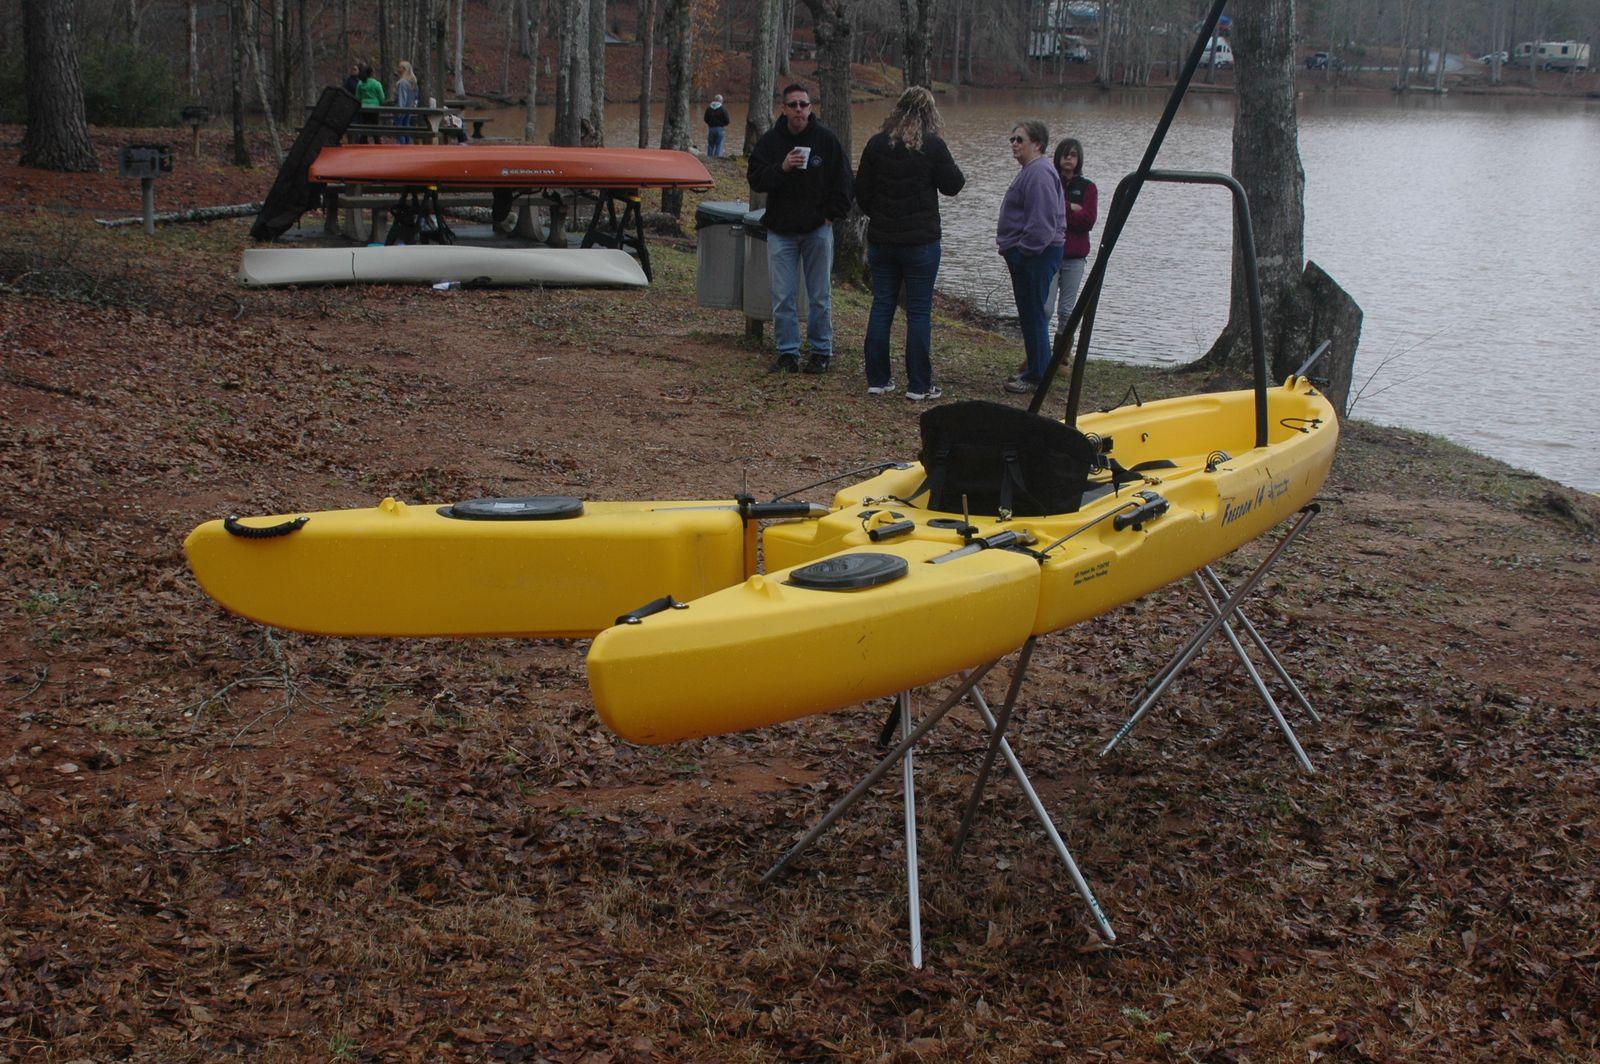 South georgia kayak fishing columbus lake harding for Kayak fishing tournaments